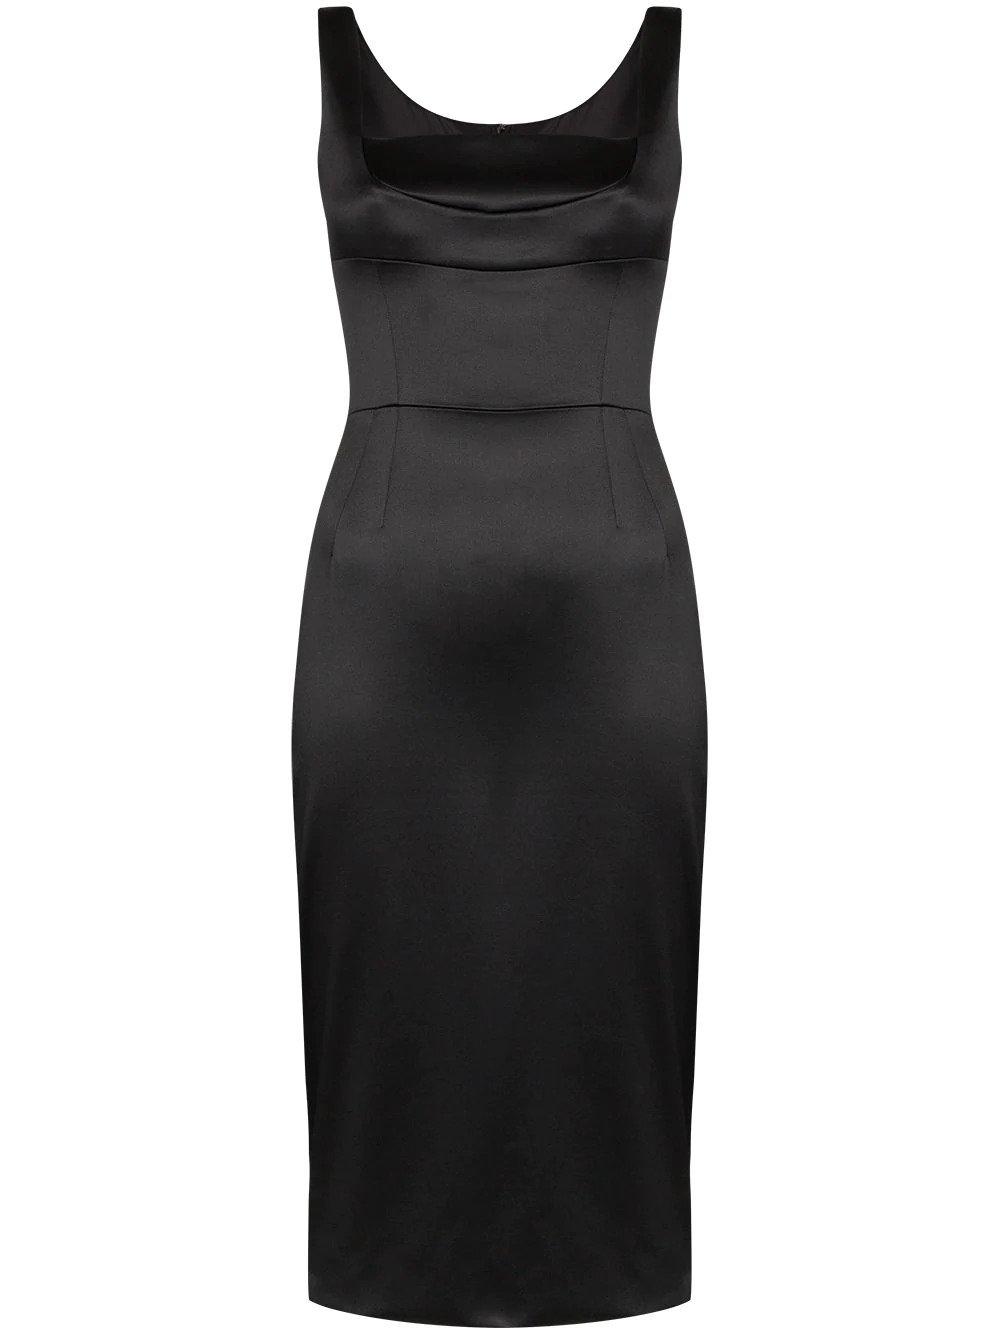 Dolce & Gabbana, Duchess fitted midi dress, от 3143лв на 1886лв